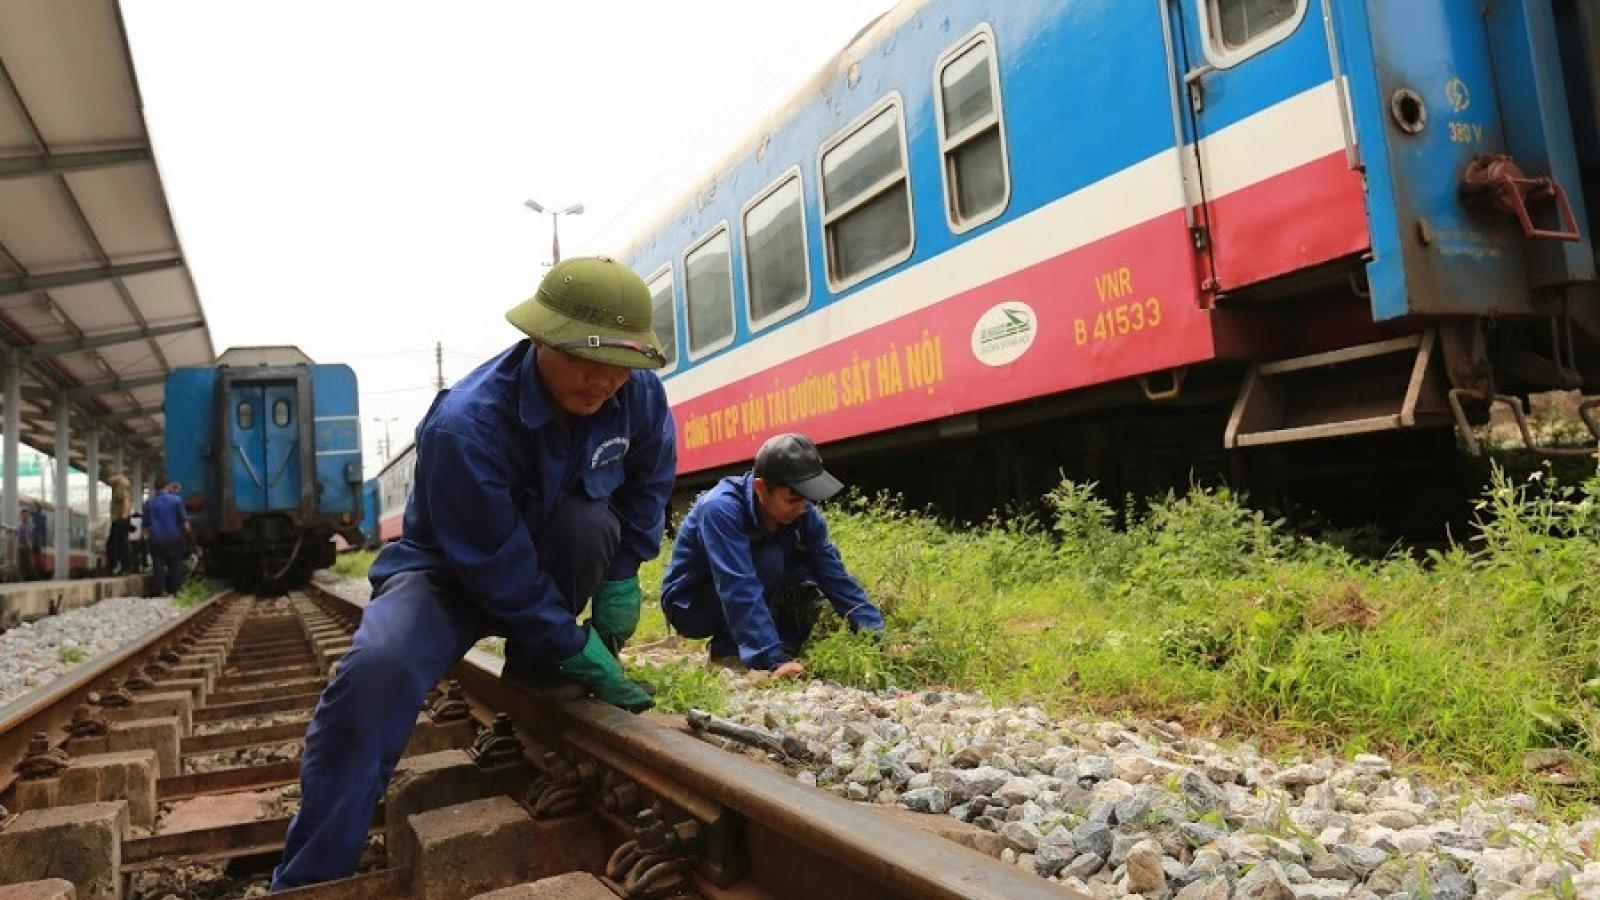 Ký hợp đồng hơn 2.800 tỷ đặt hàng bảo trì kết cấu hạ tầng đường sắt Quốc gia